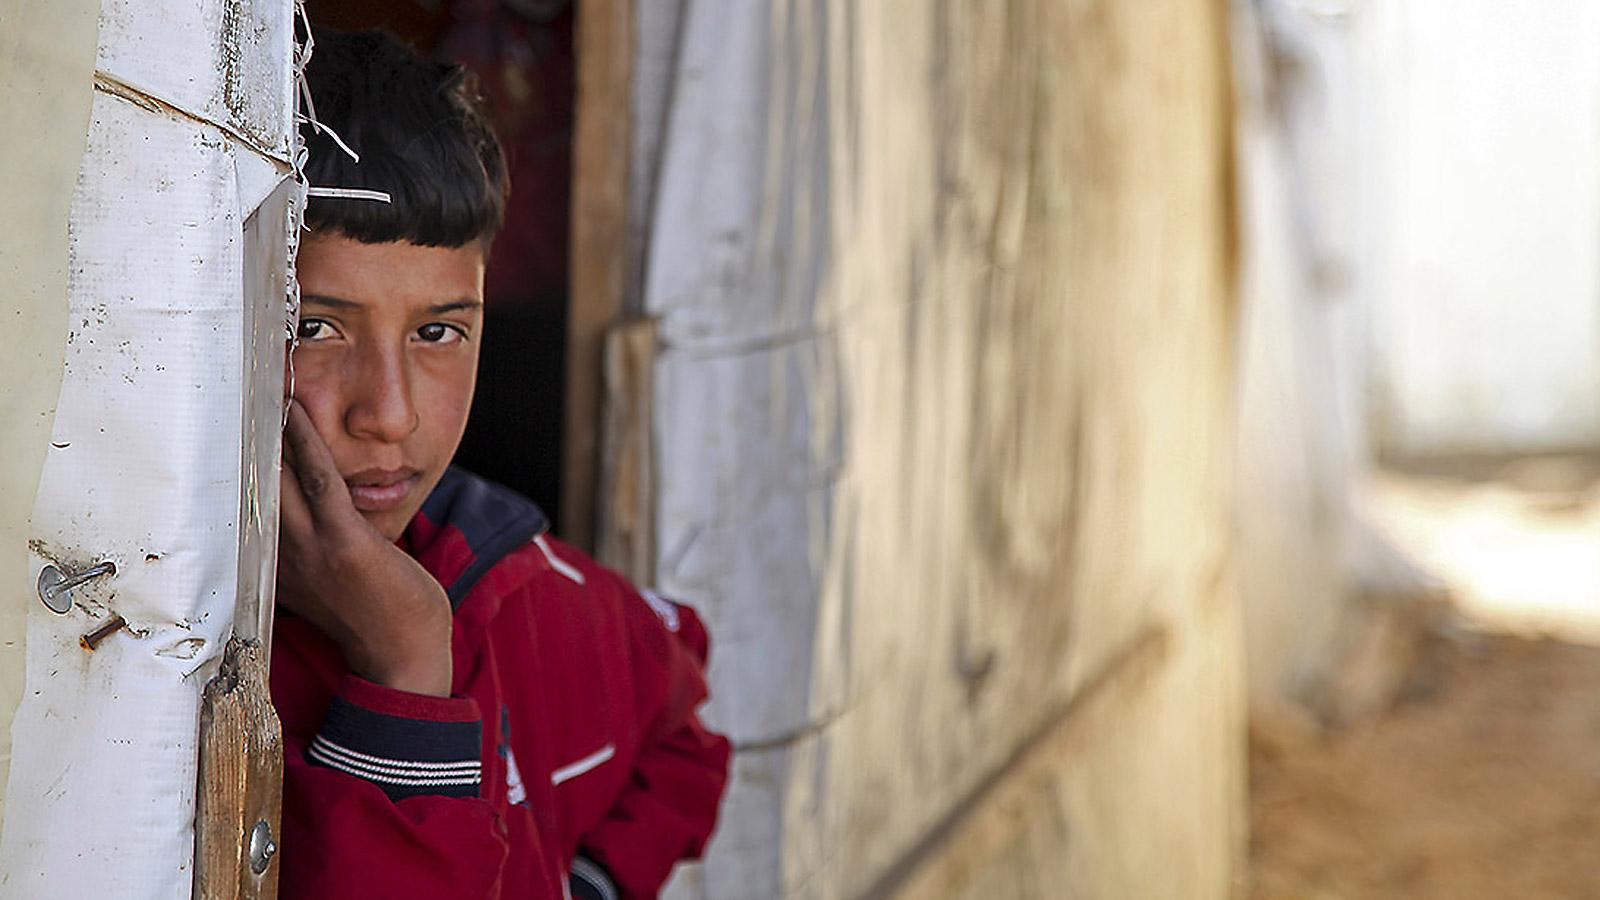 A boy peers around a door